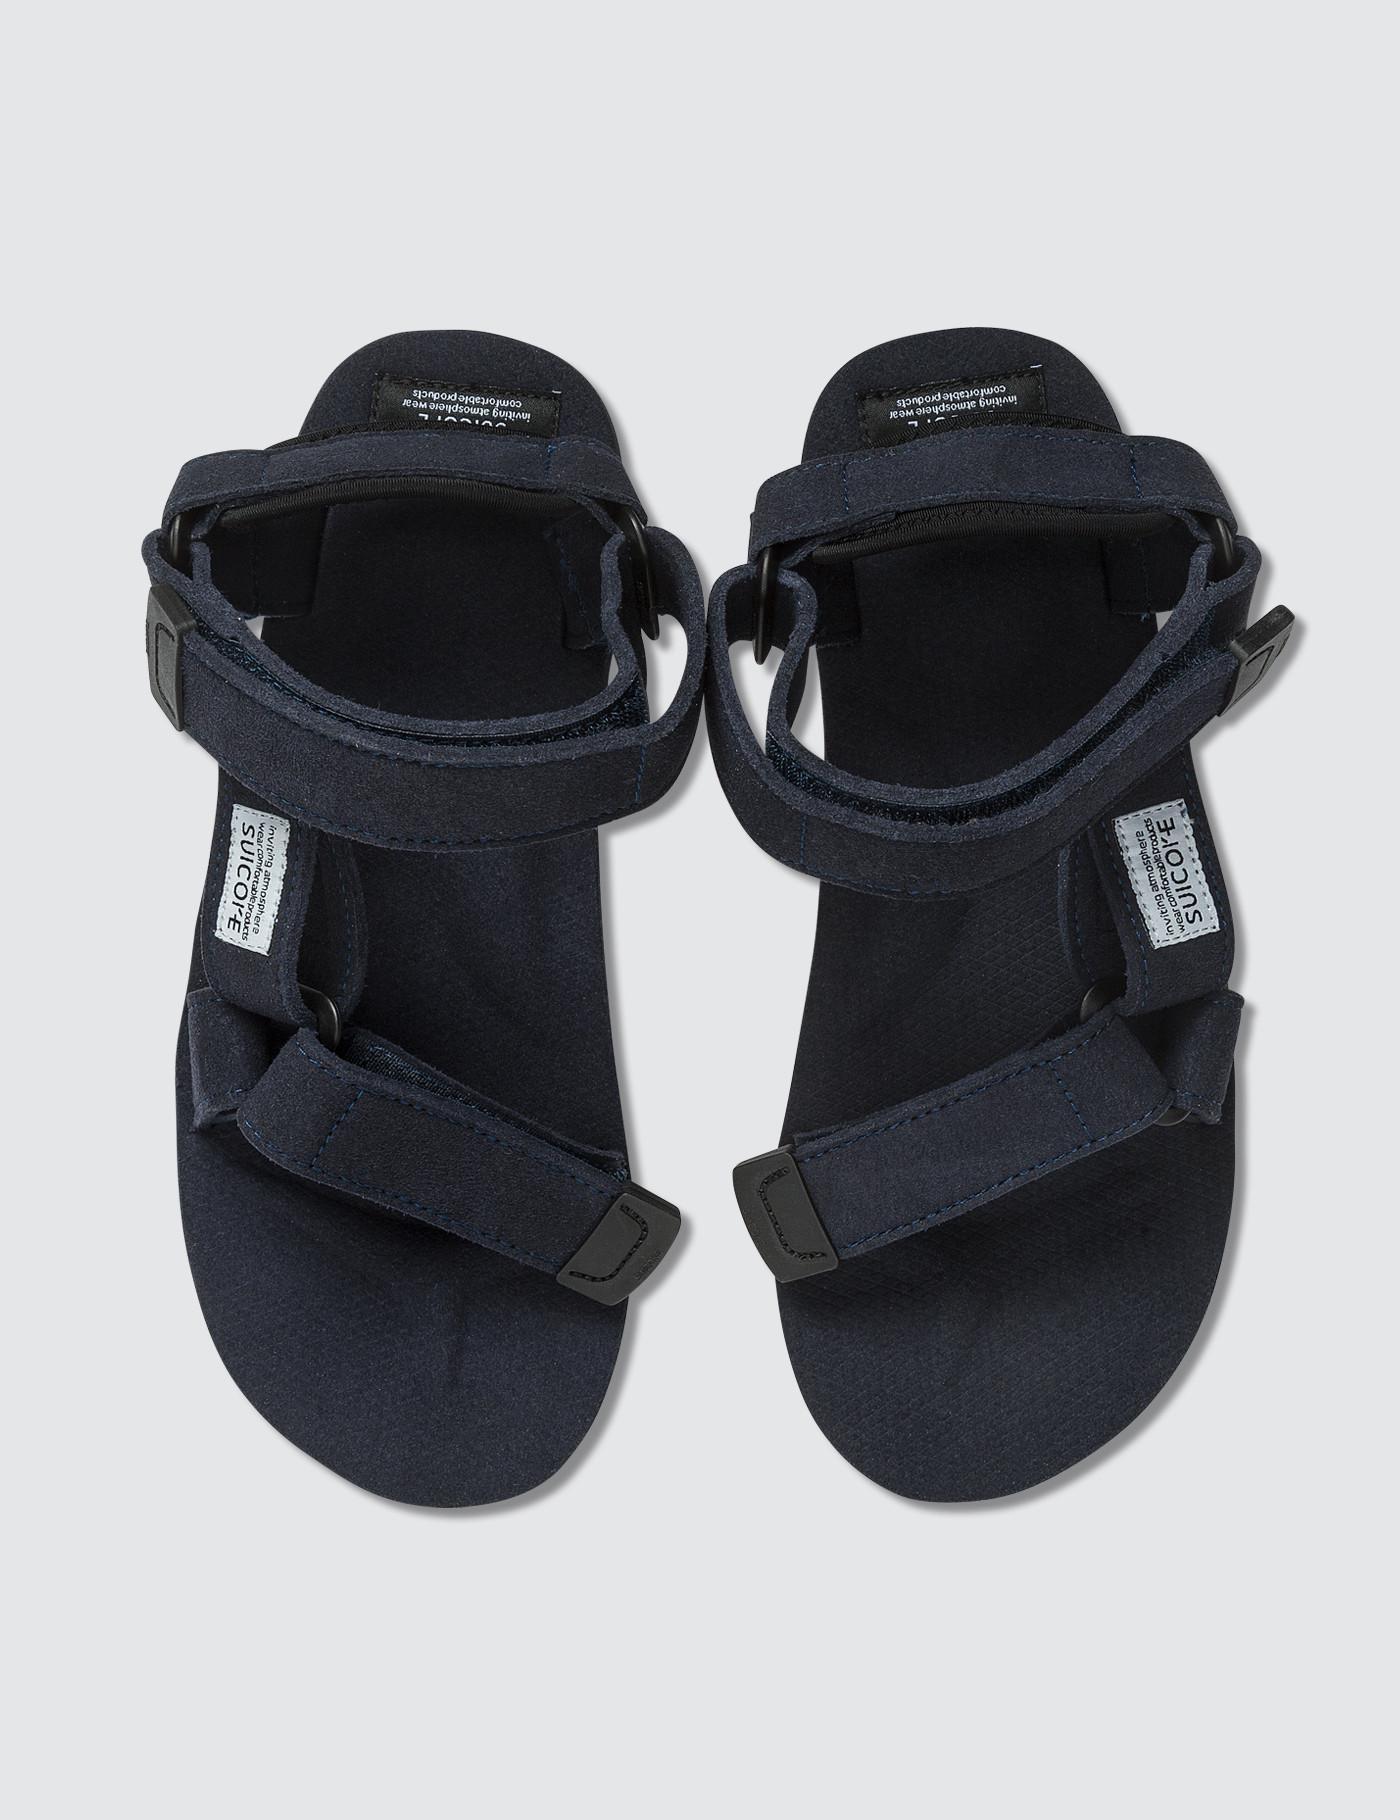 cebf8cc75abb Suicoke Depa-ecs Sandal in Blue - Lyst